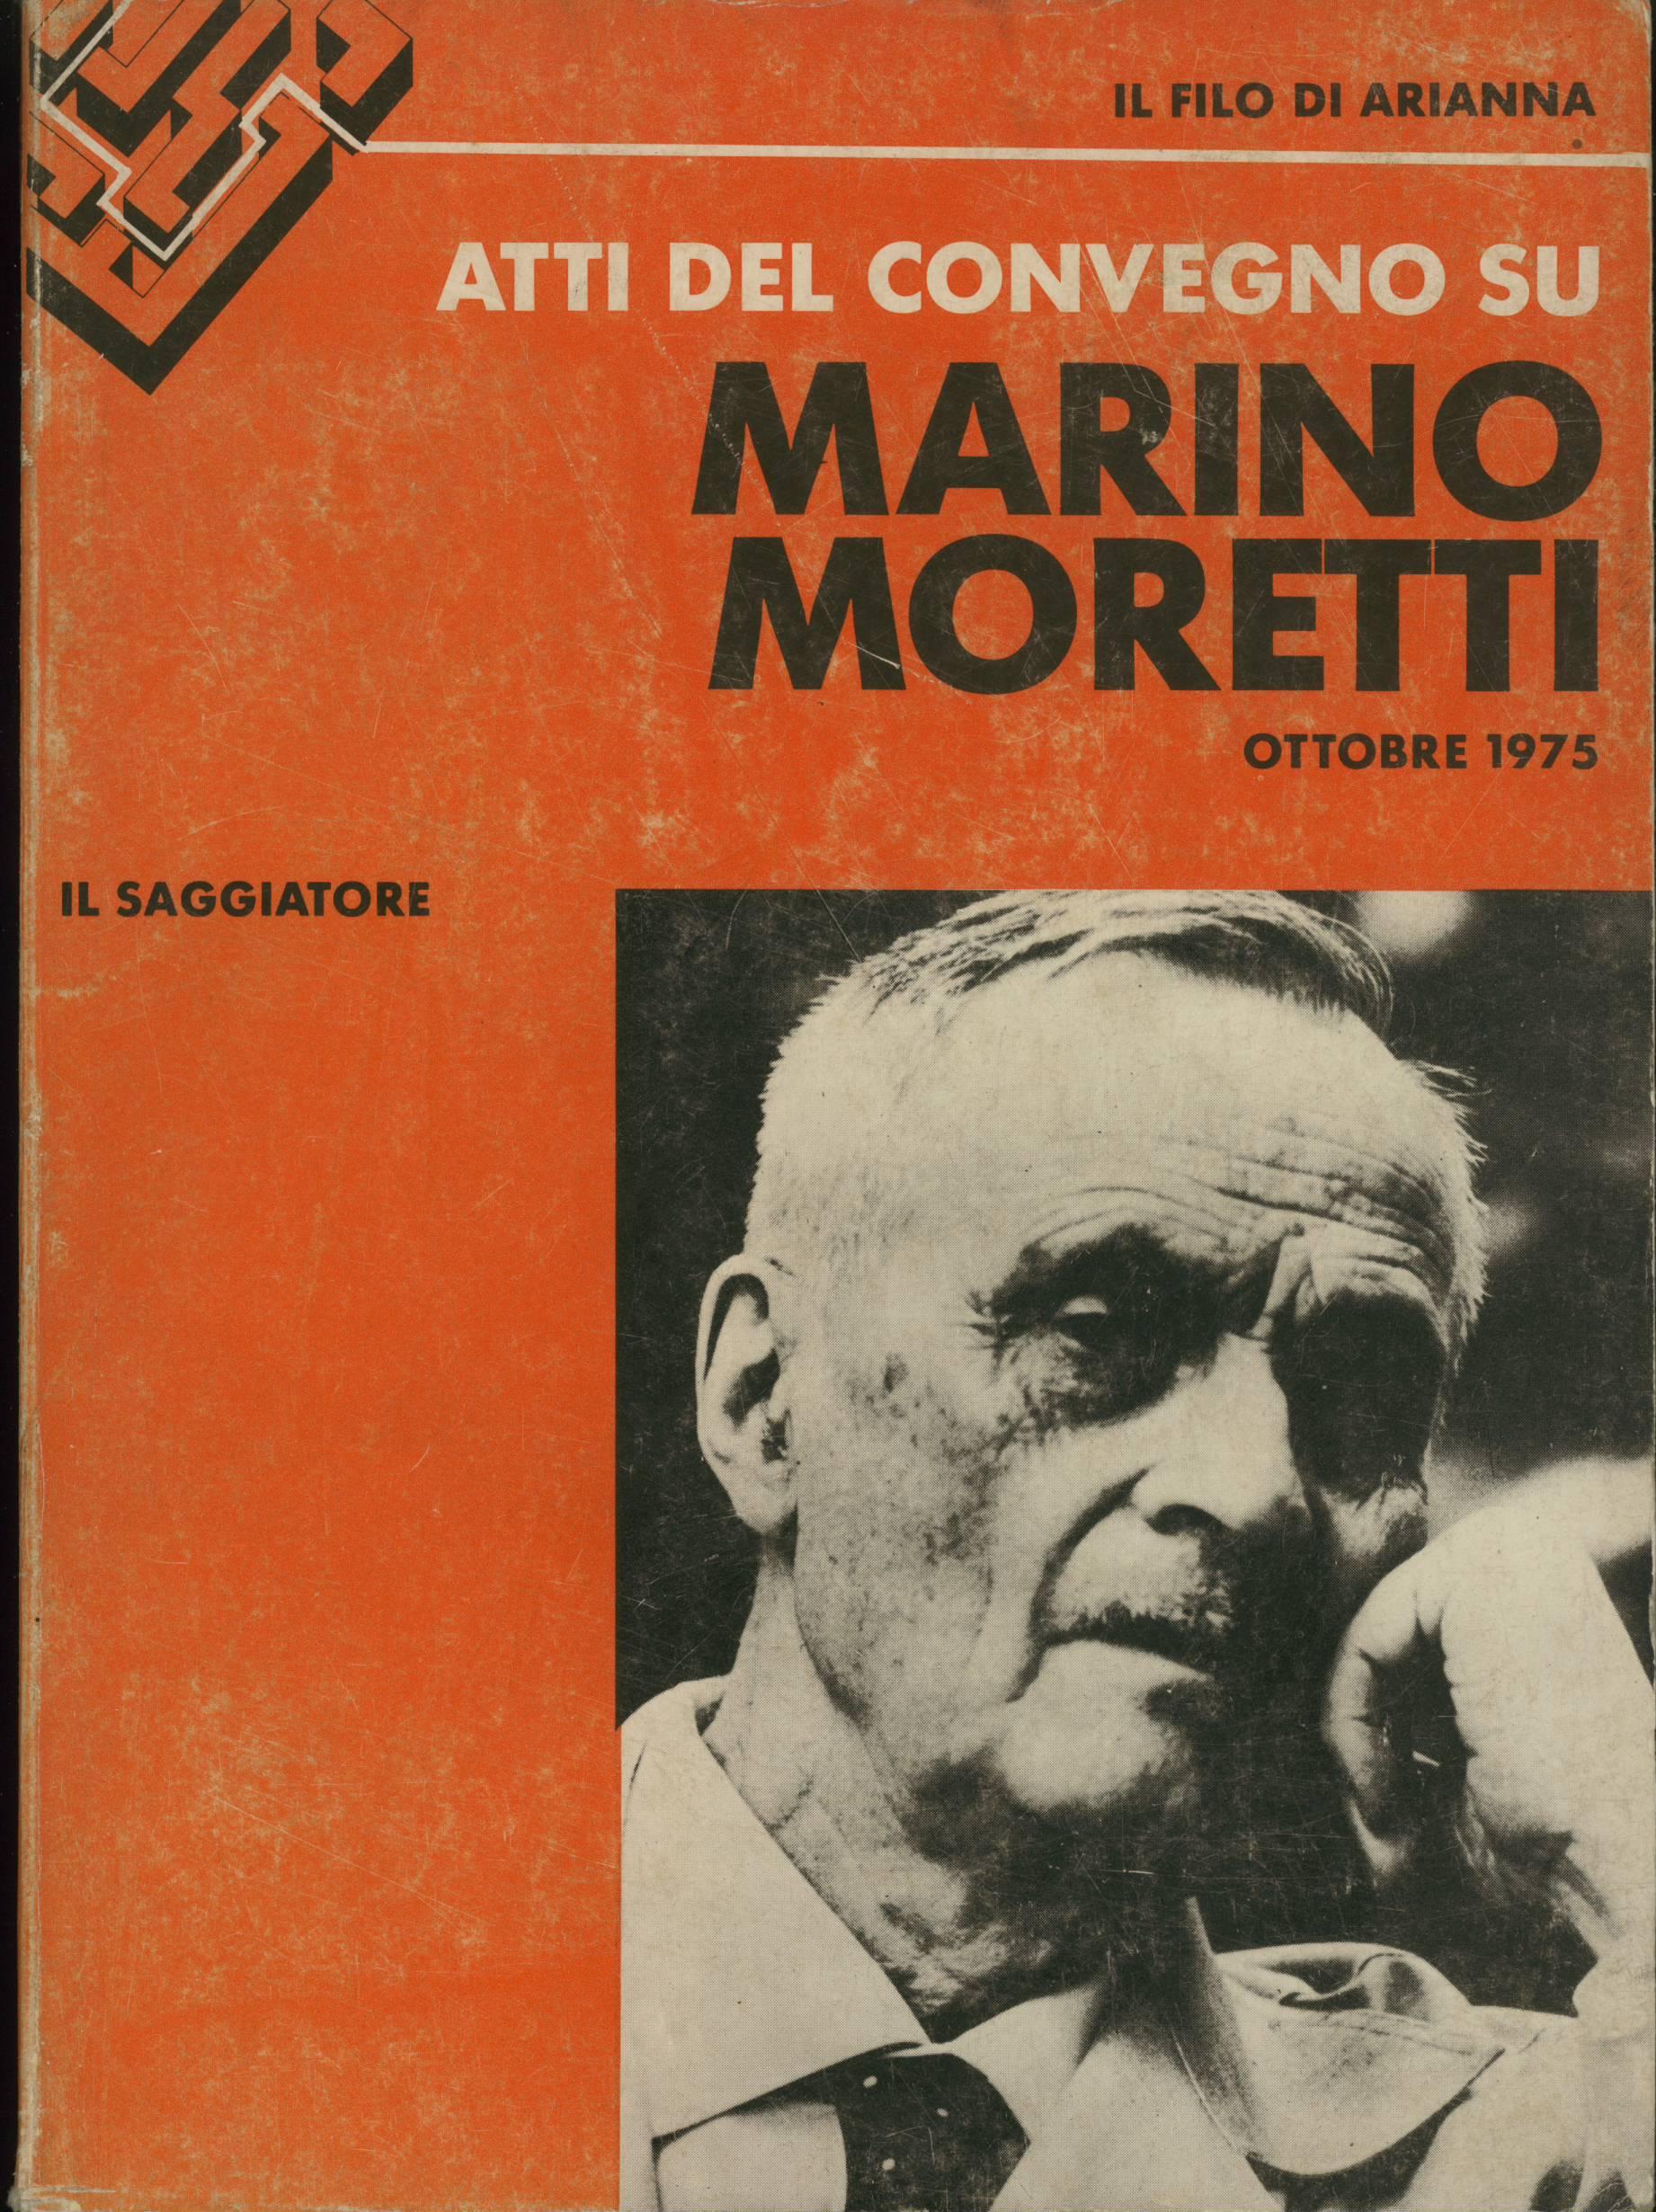 Atti del Convegno su Marino Moretti